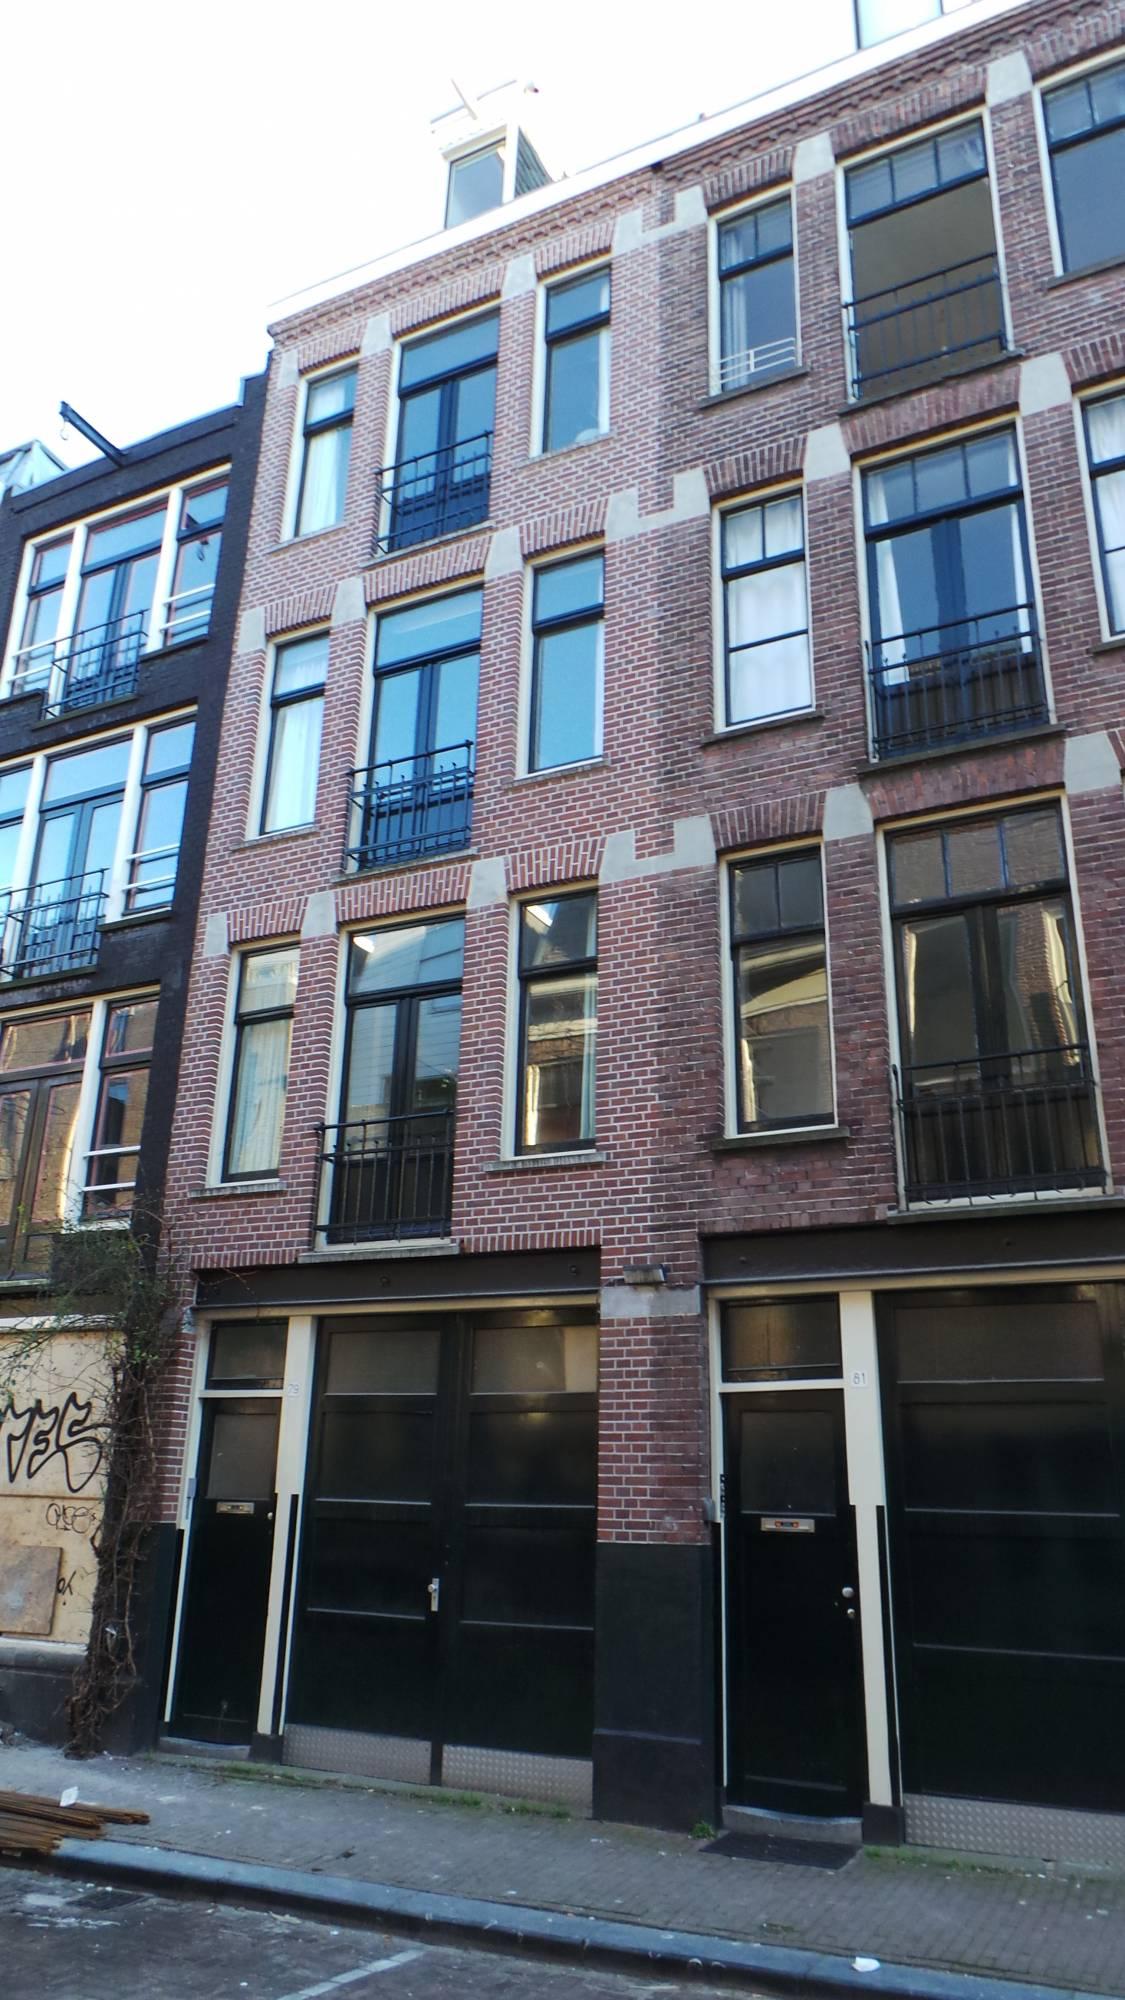 Bloemstraat 79